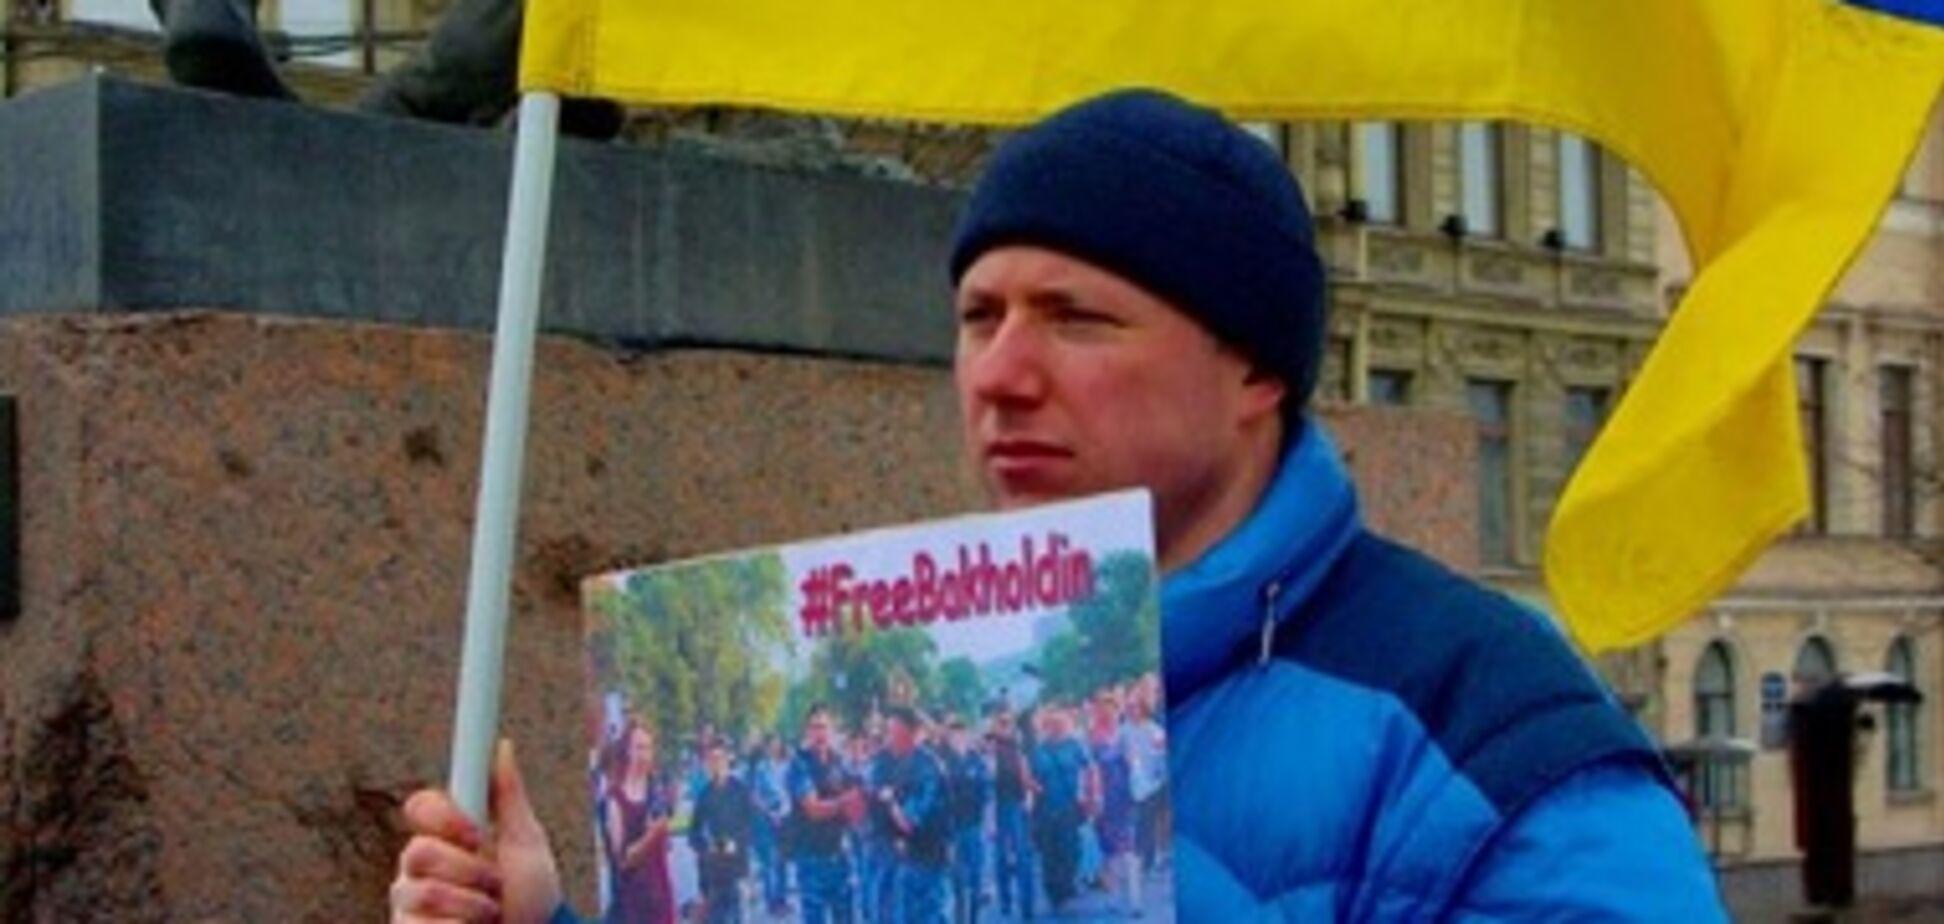 В Санкт-Петербурге с ножом напали на активиста с флагом Украины: опубликованы фото и видео